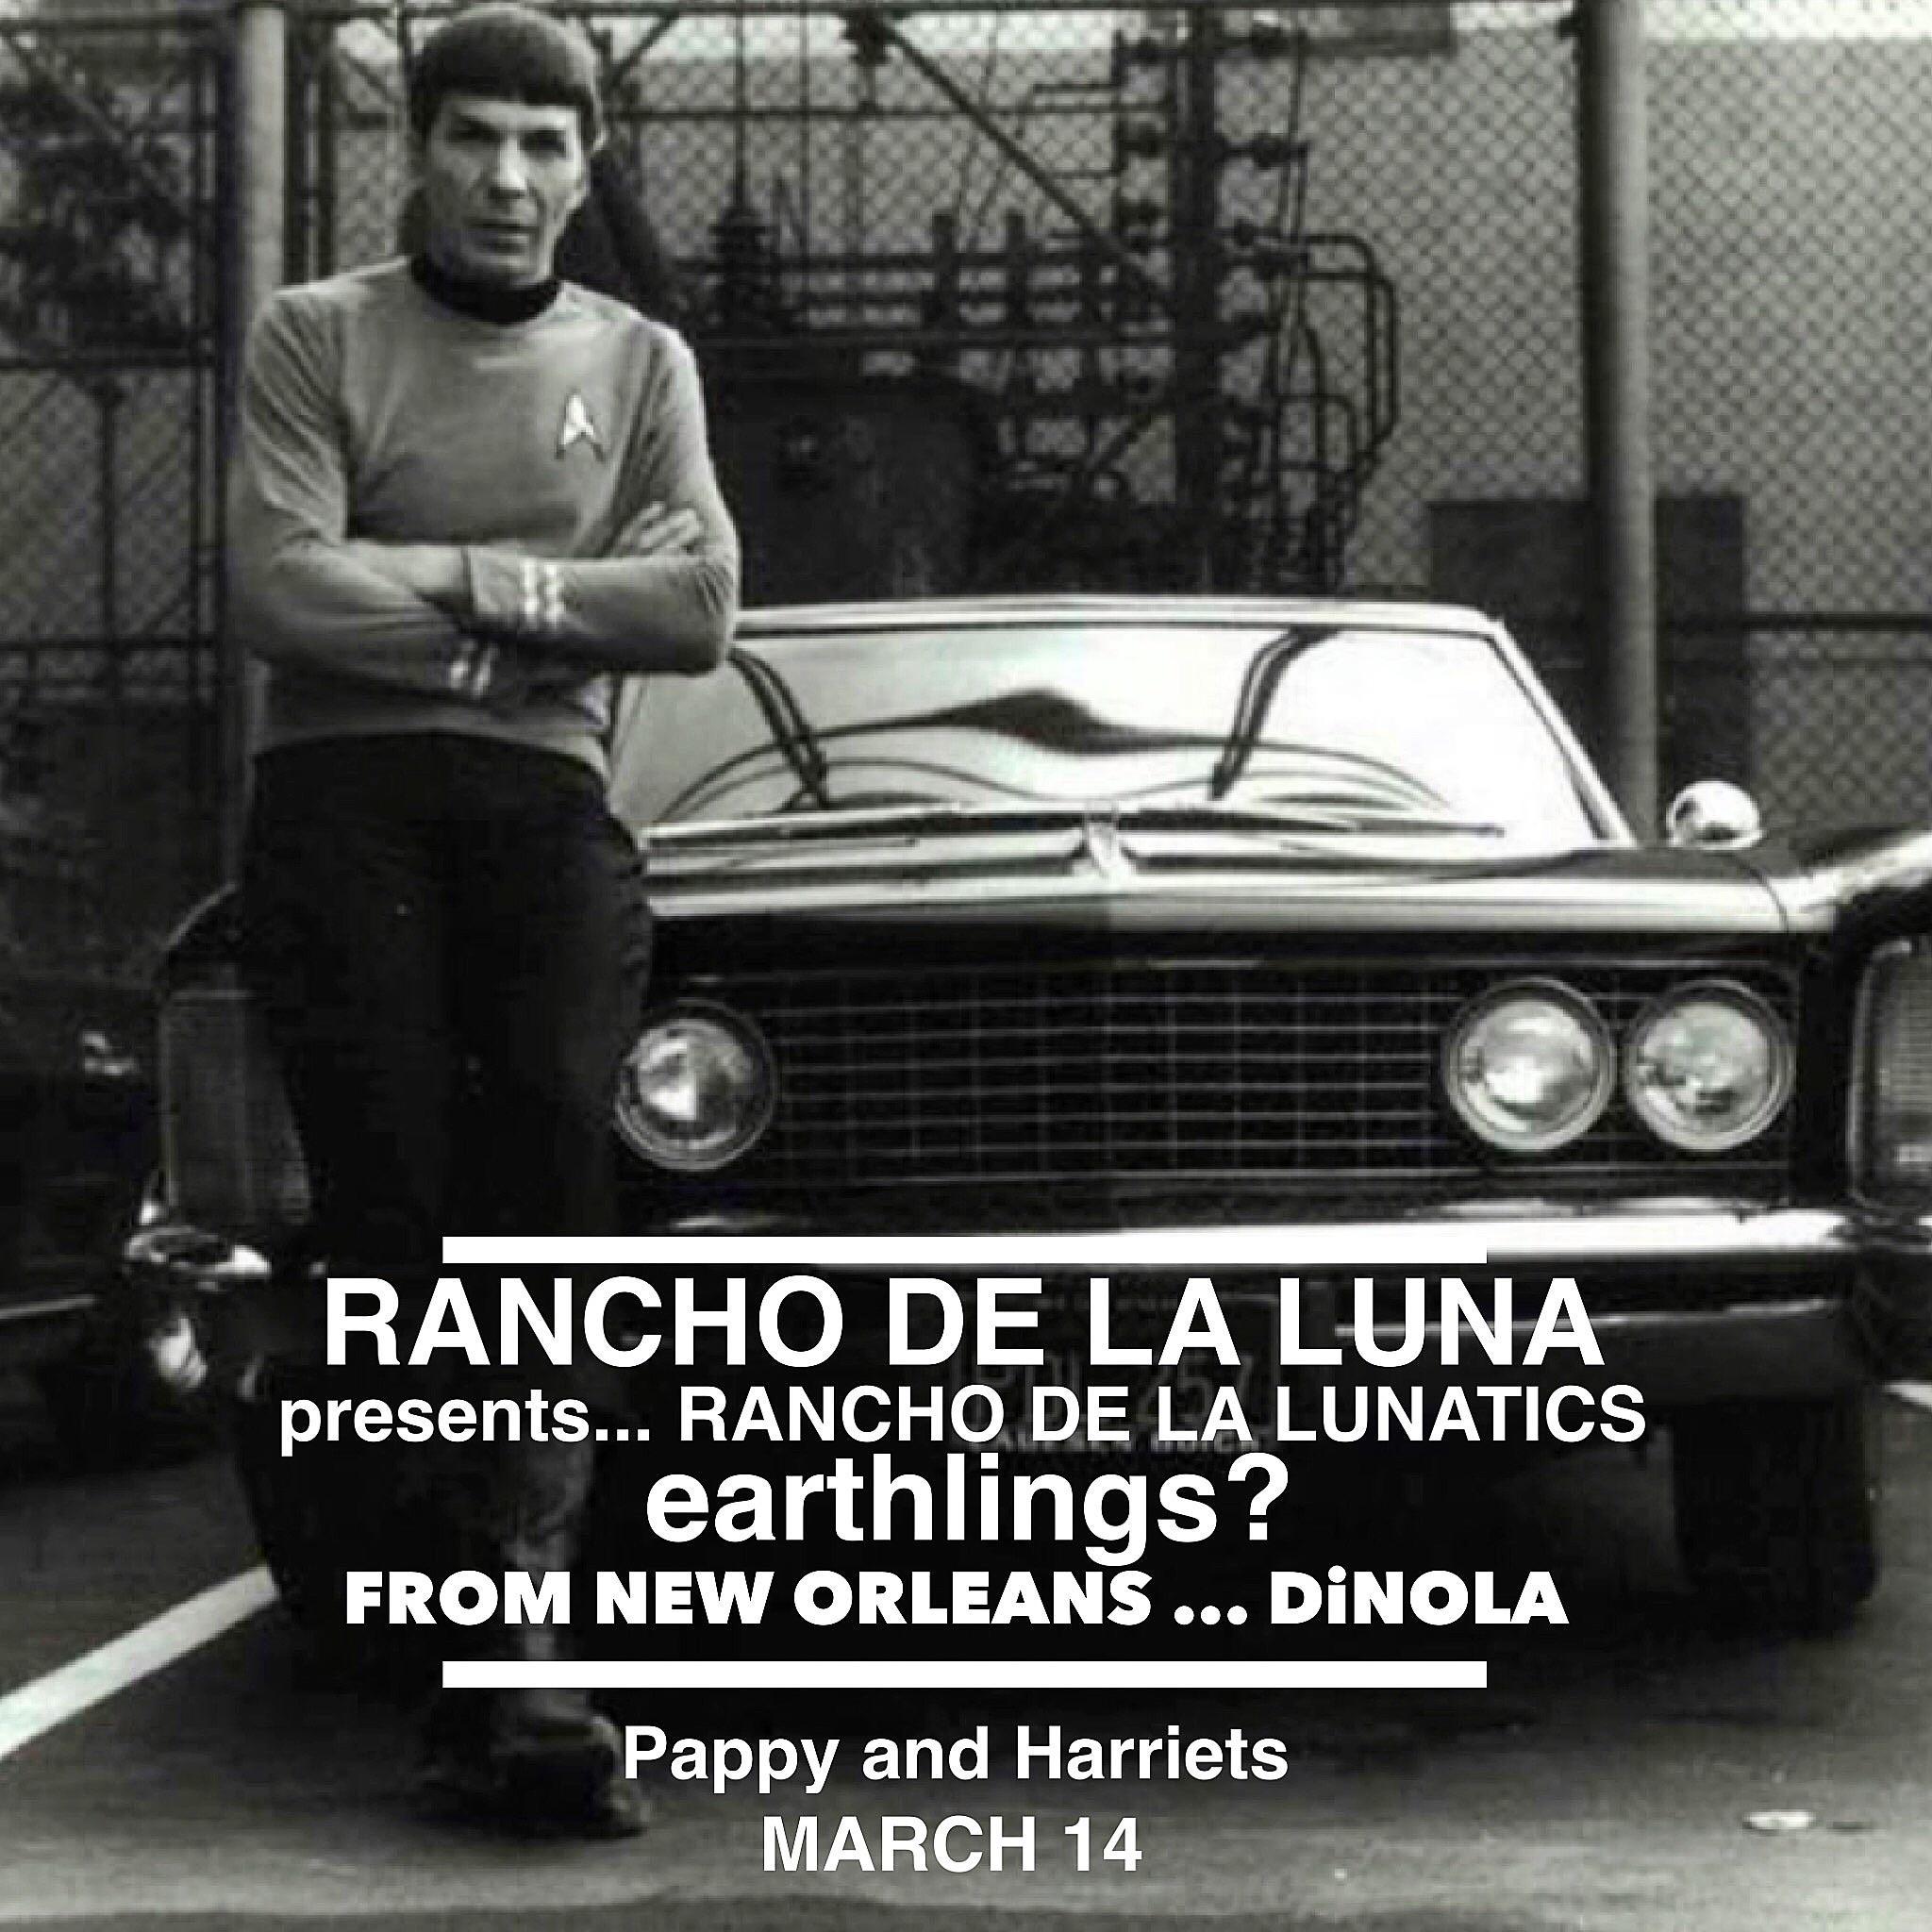 EARTHLINGS? / DINOLA / RANCHO DE LA LUNATICS AND GUESTS